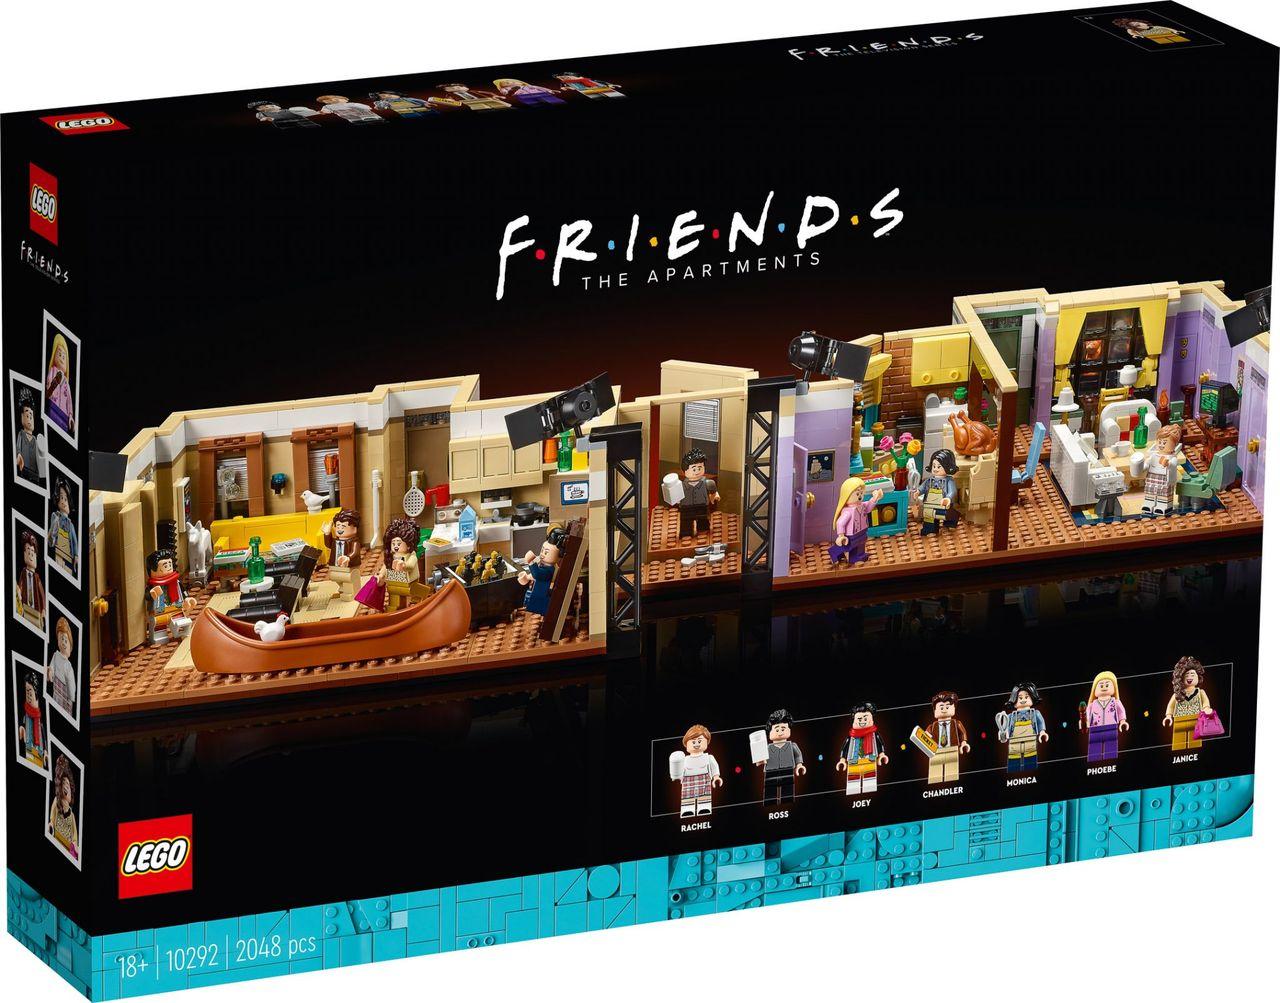 LEGO ska släppa nytt Vänner-bygge